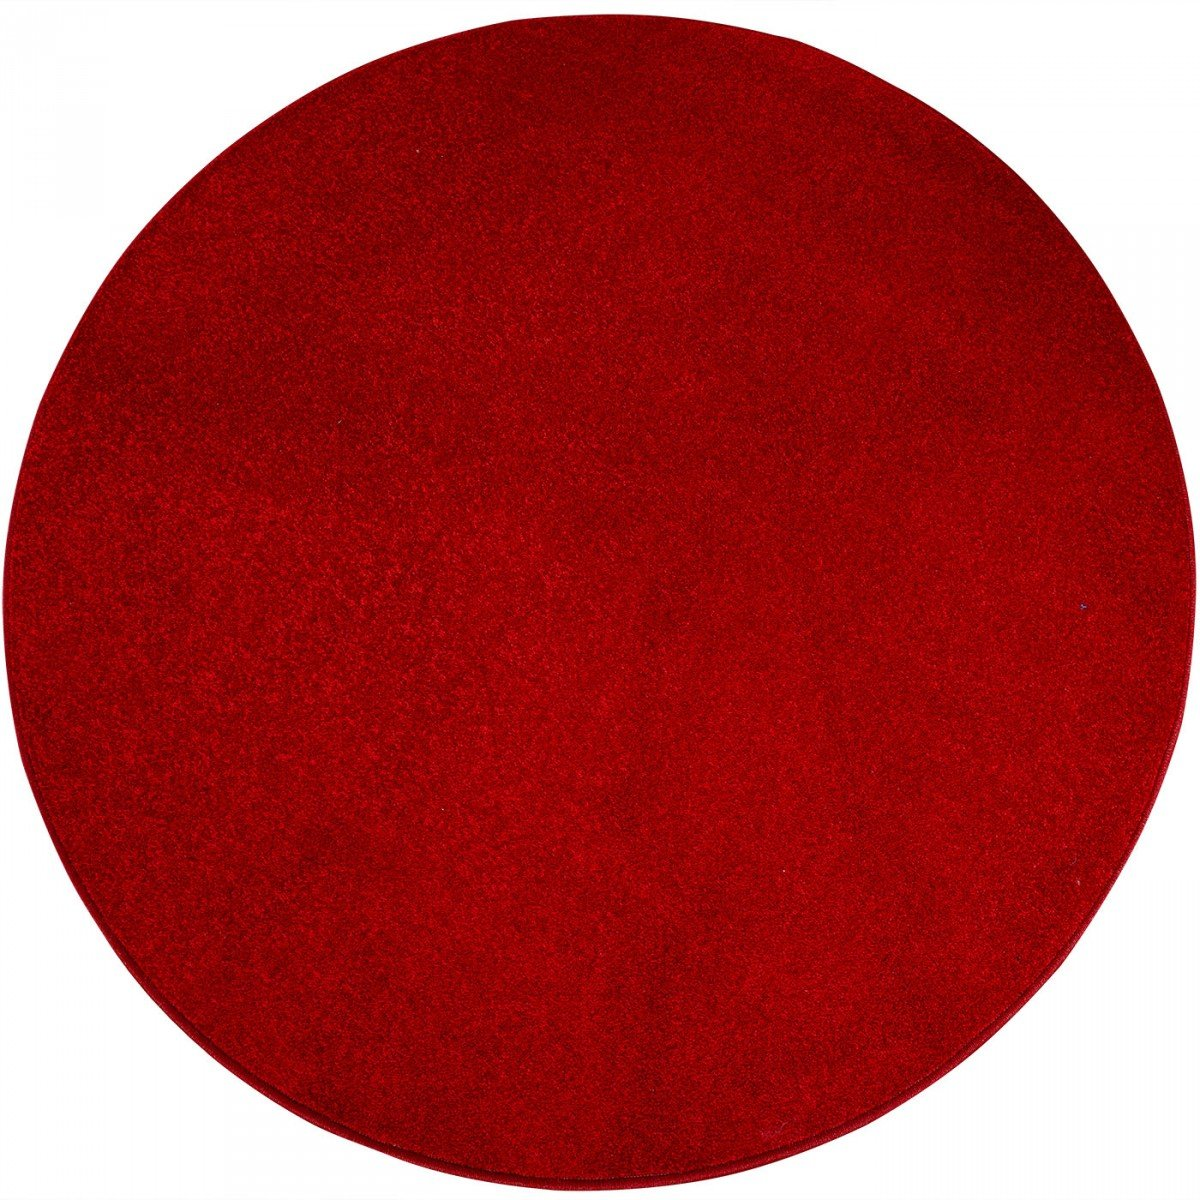 Havatex Teppich Kräusel Velour Burbon rund - 16 moderne sowie klassische Farben   schadstoffgeprüft pflegeleicht & robust   ideal für Wohnzimmer, Farbe Rot, Größe 180 cm rund